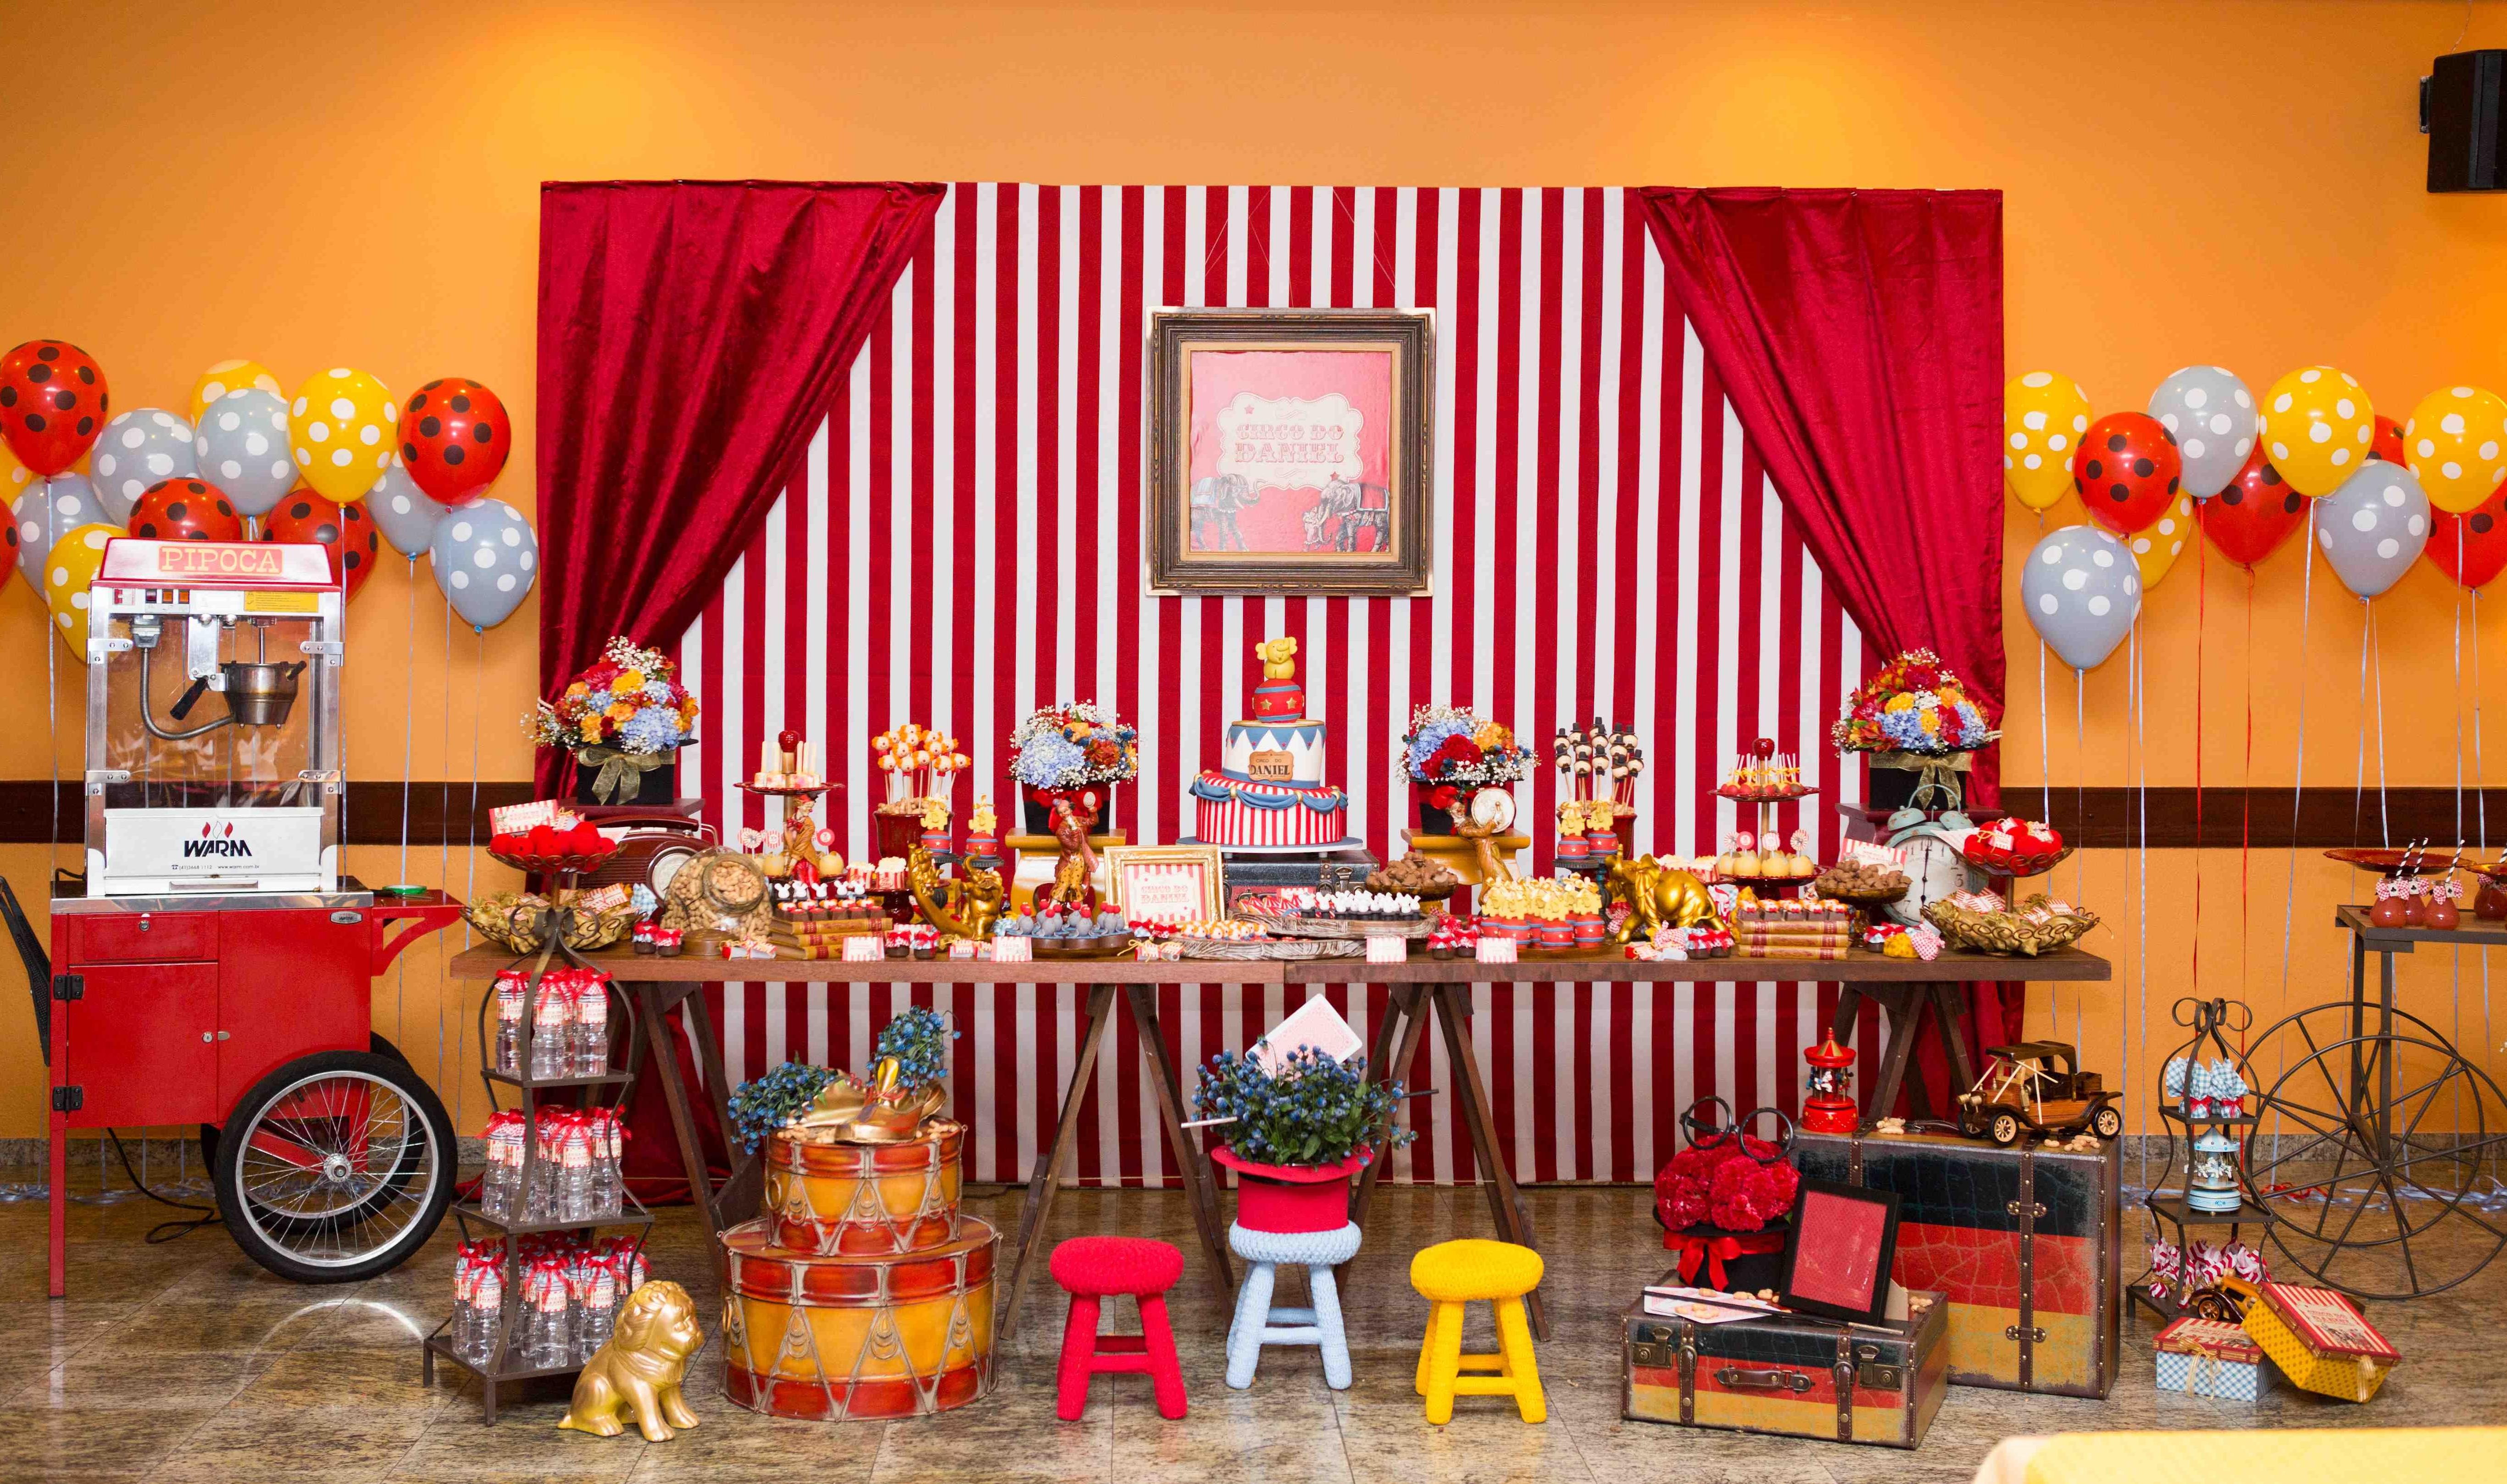 decoracao festa retro : decoracao festa retro:Decoração Festa Infantil Circo Vintage! – Be Happy Decorações